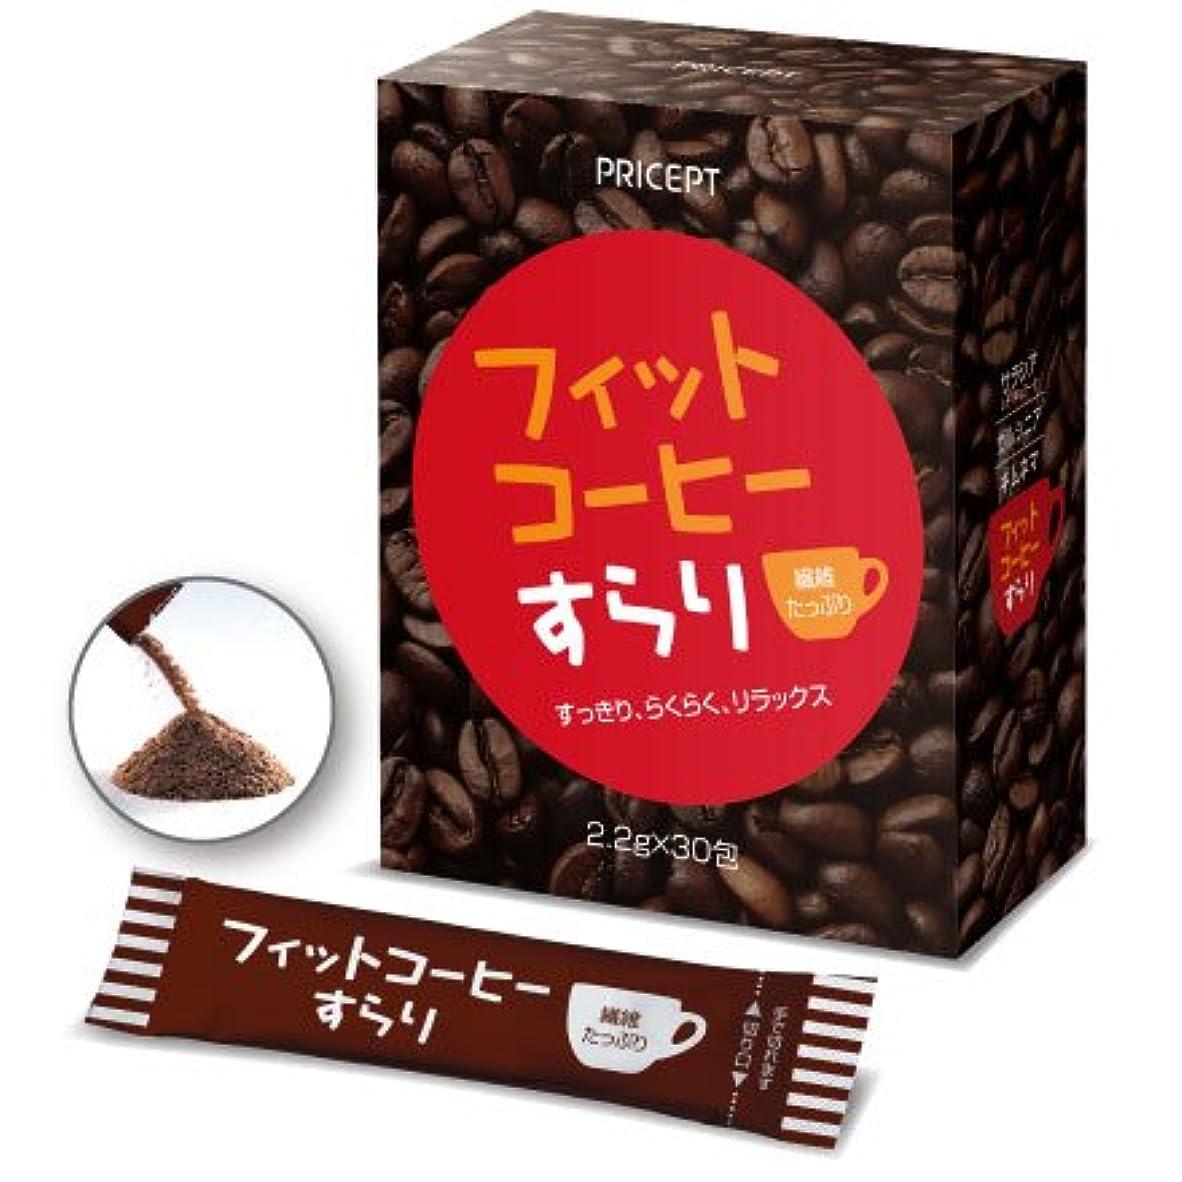 バースト損傷道路プリセプト フィットコーヒーすらり 30包【単品】(ダイエットサポートコーヒー)